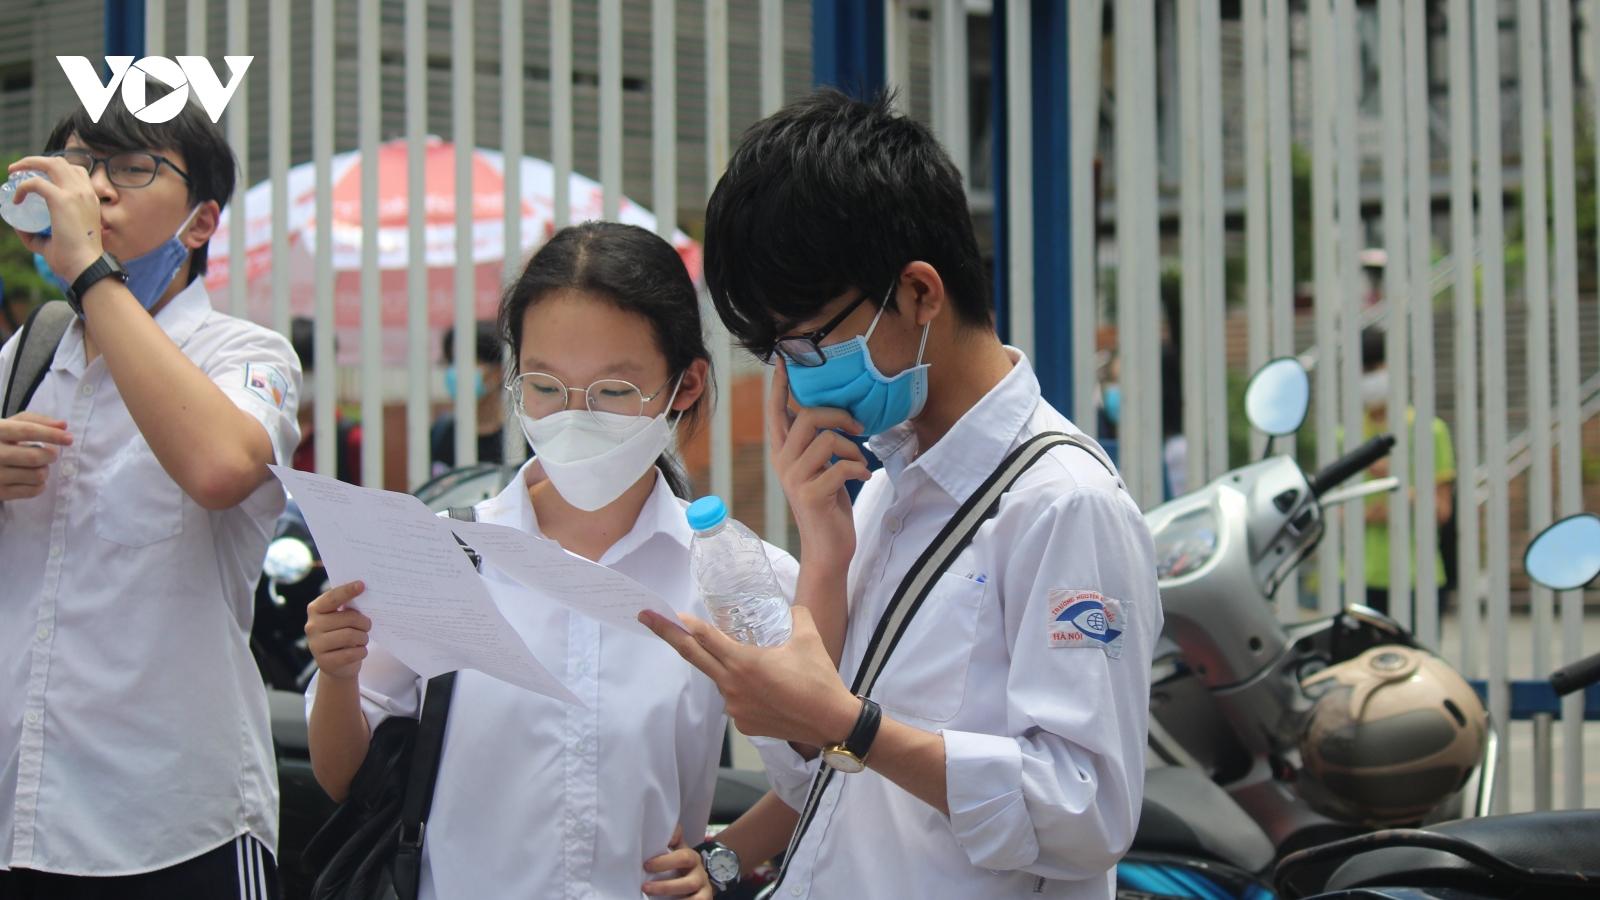 Đề Toán vào lớp 10 trường chuyên của Hà Nội: Đa số thí sinh sẽ chỉ đạt từ 5-6 điểm